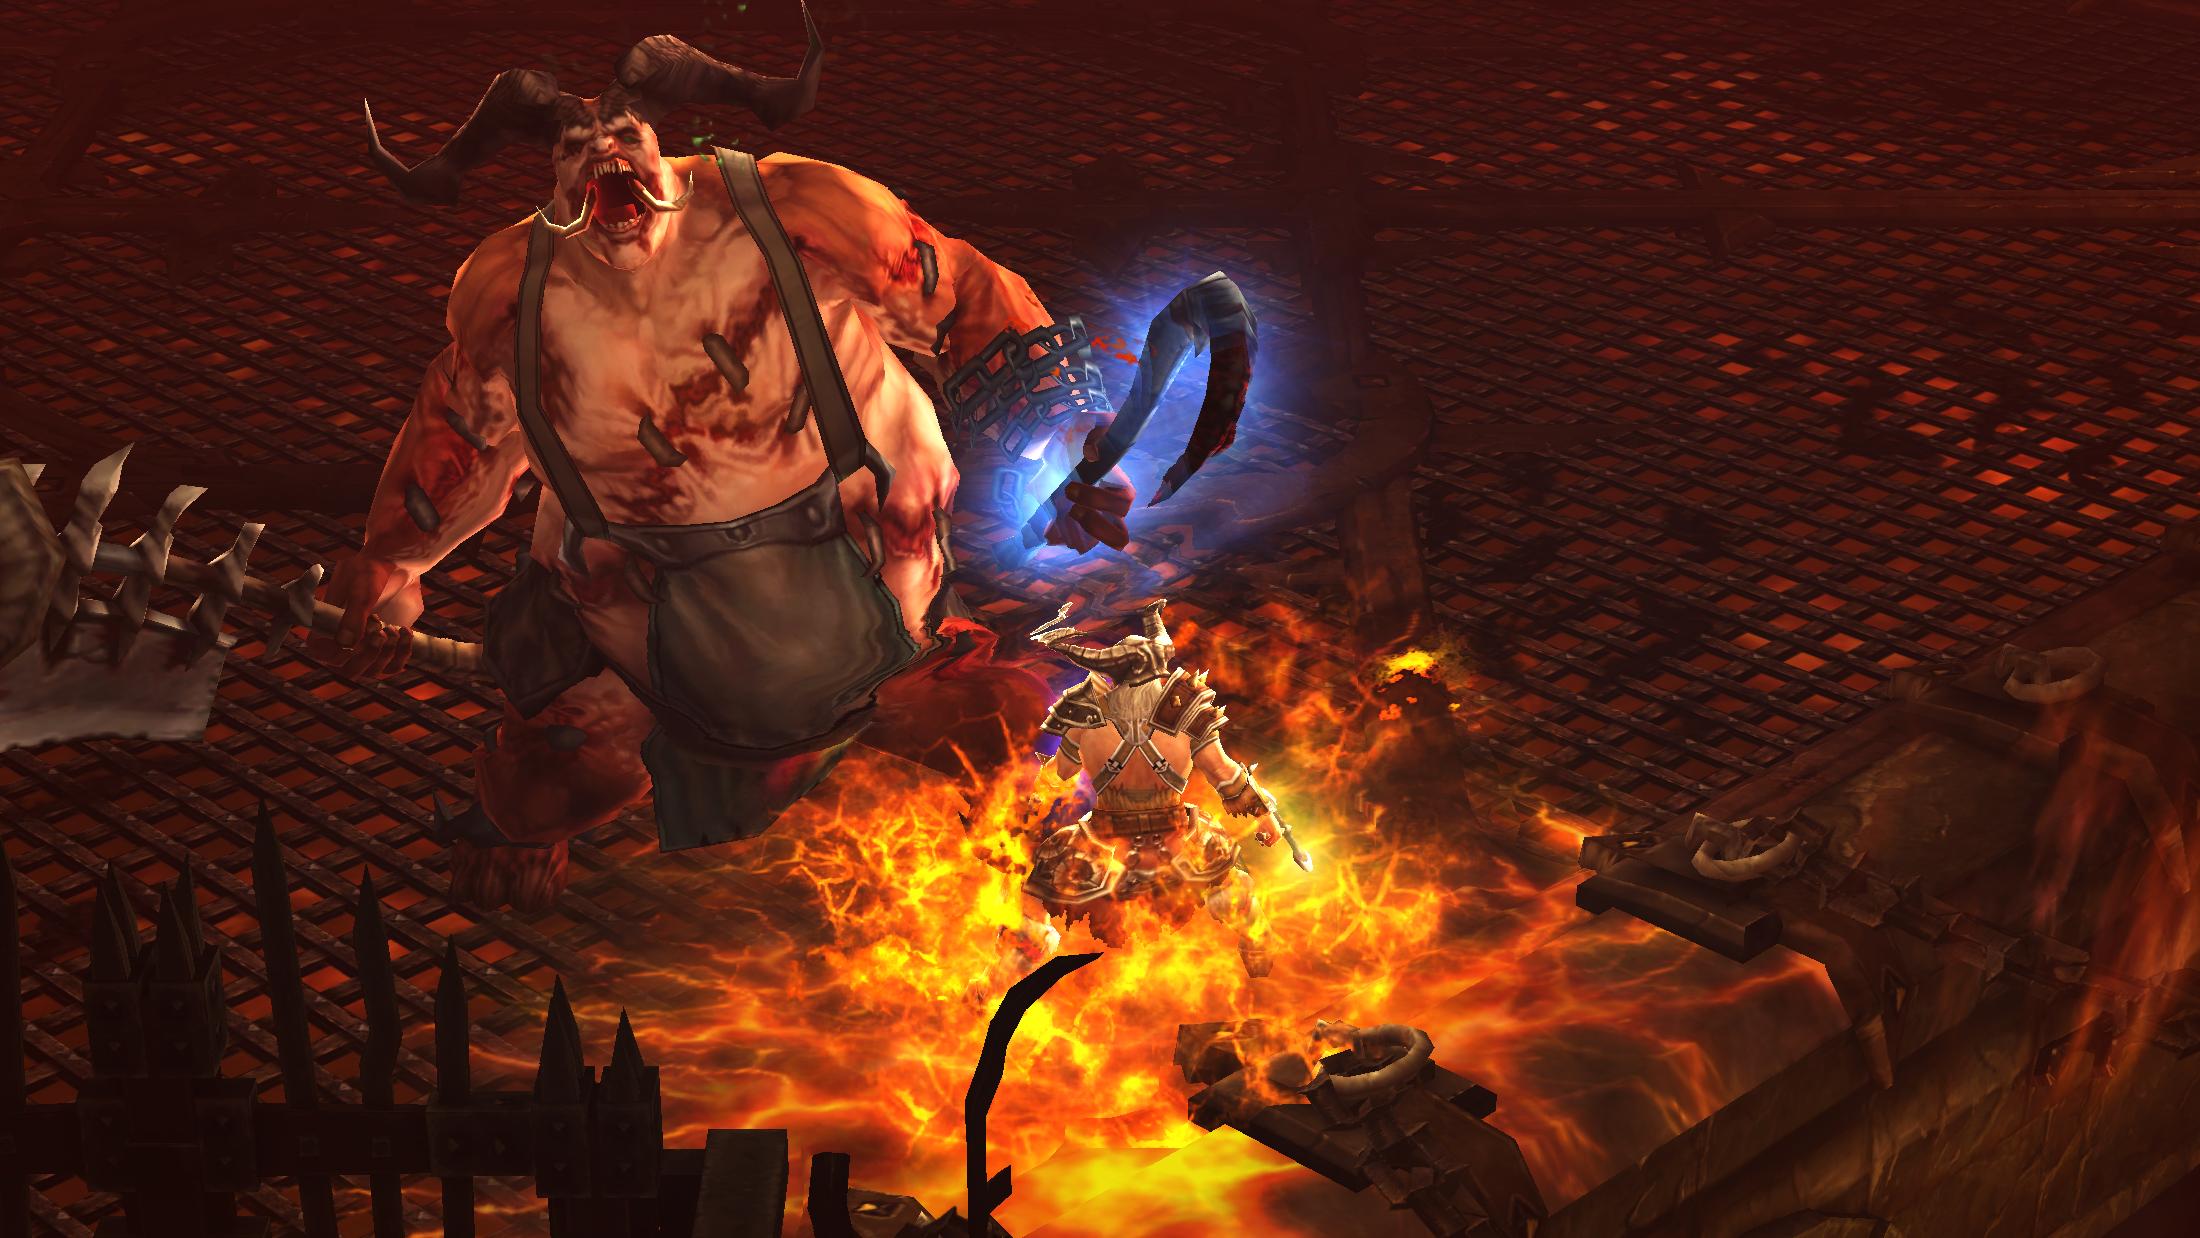 Diablo Iii Review Rpg Site